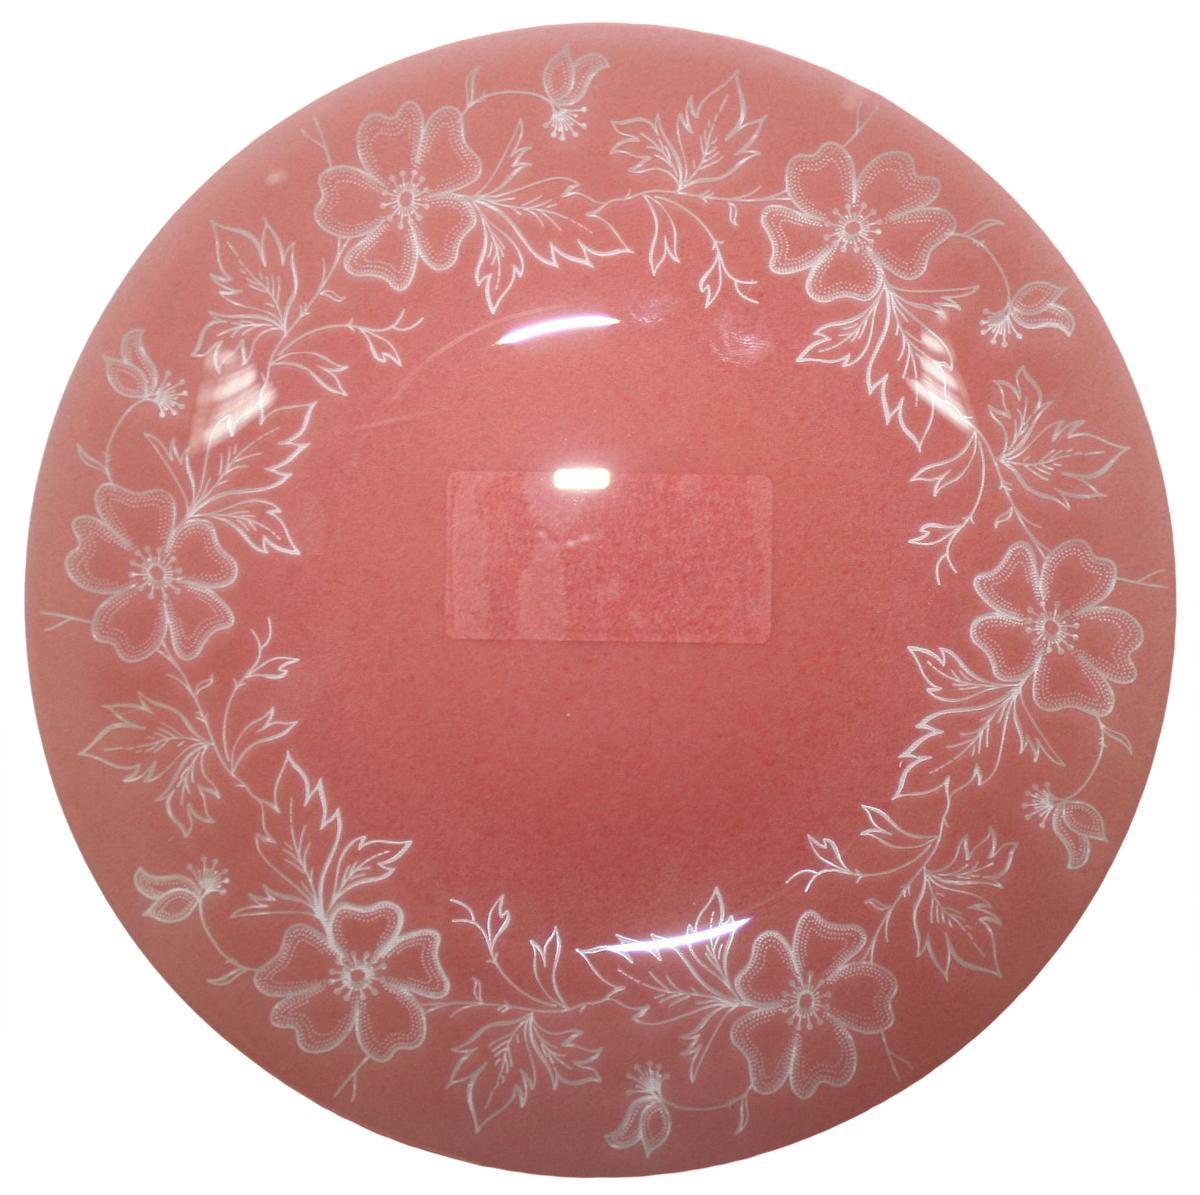 Тарелка десертная NiNaGlass Лара, цвет: красный, диаметр 20 см85-200-075кТарелка NiNaGlass Лара выполнена из высококачественного стекла и оформлена красивым цветочным узором. Тарелка идеальна для подачи вторых блюд, а также сервировки закусок, нарезок, салатов, овощей и фруктов. Она отлично подойдет как для повседневных, так и для торжественных случаев. Такая тарелка прекрасно впишется в интерьер вашей кухни и станет достойным дополнением к кухонному инвентарю.